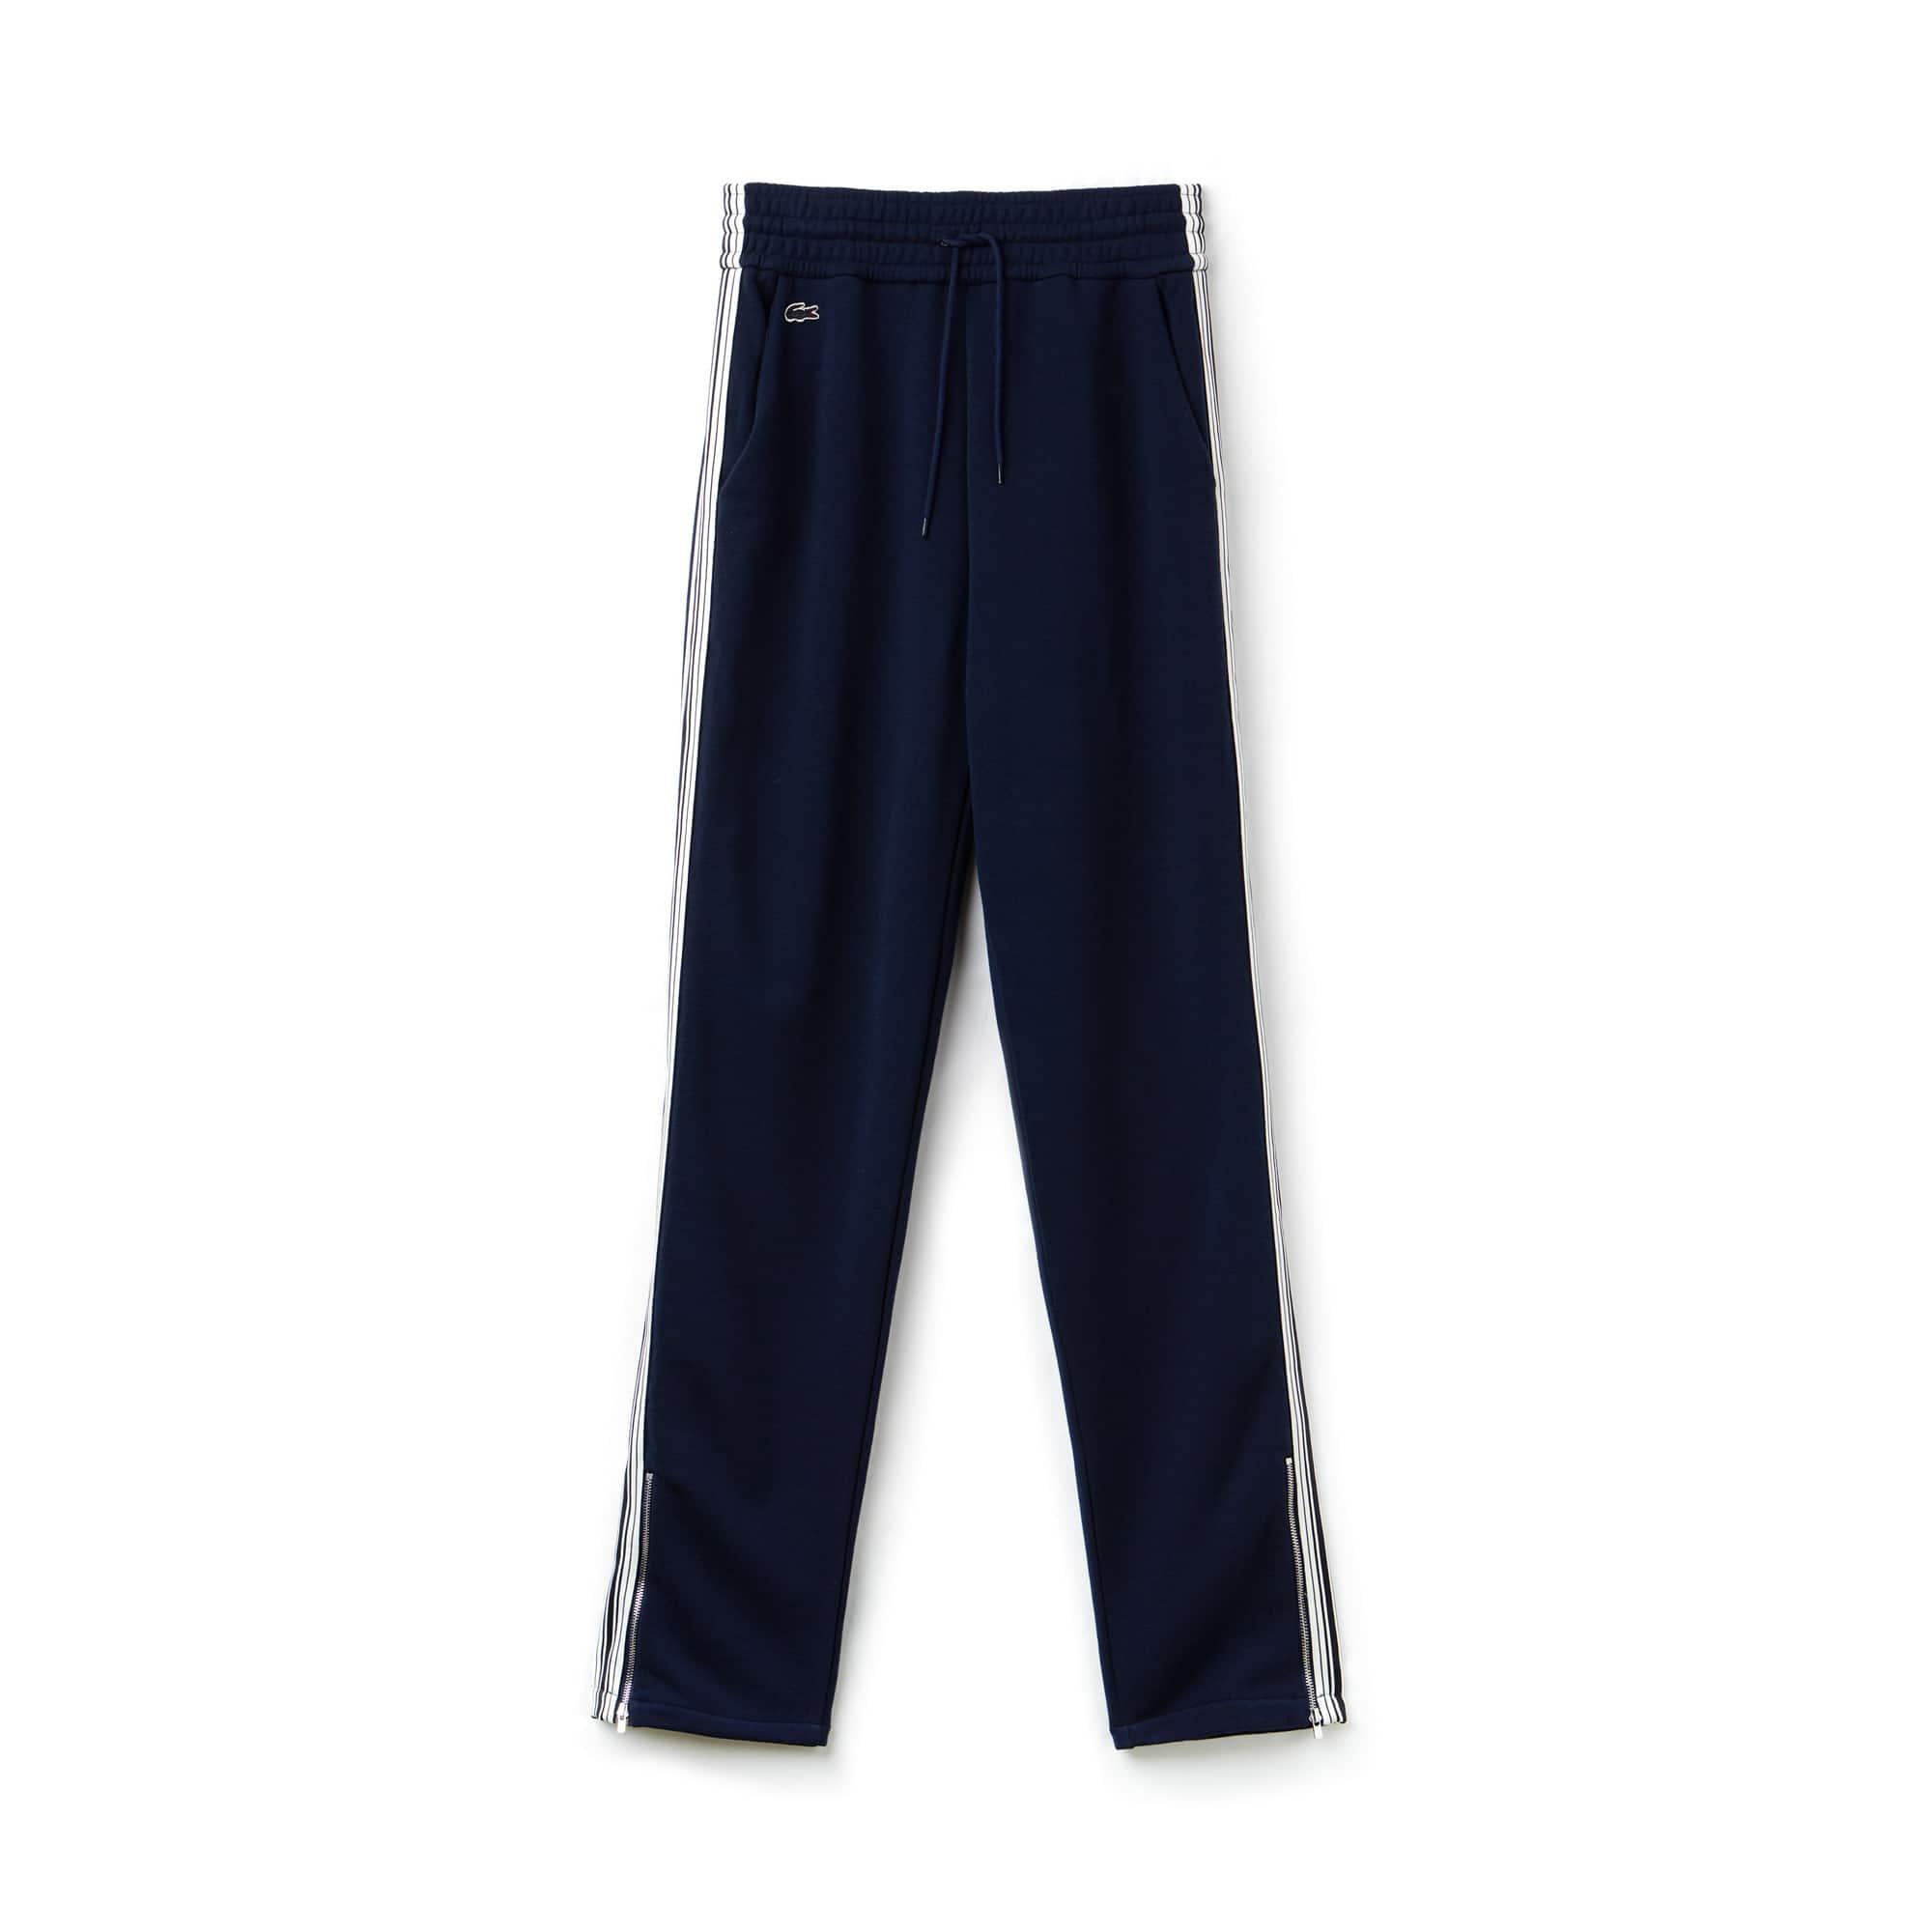 Pantaloni da jogging di stile urbano in mollettone crêpe con fasce a contrasto